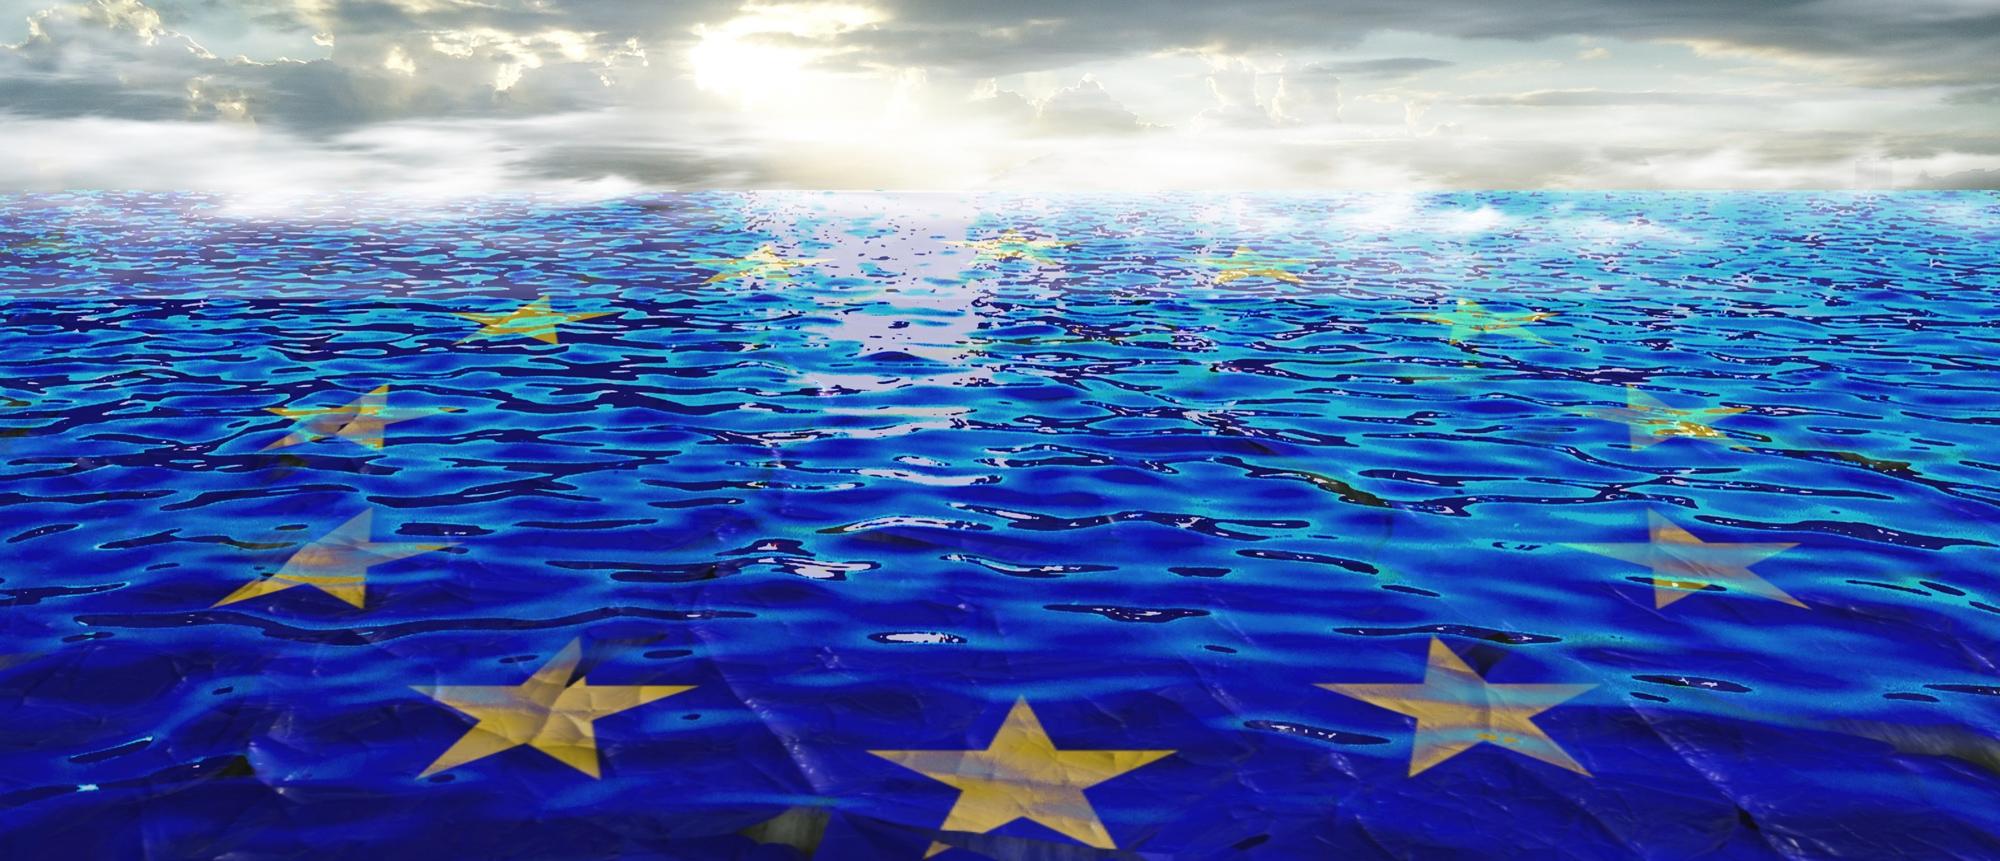 Europas Mauer, die nicht so heißen darf <br>  <span id='sec-title'>Trump, Europa, Refugees und Doppelstandards</span>